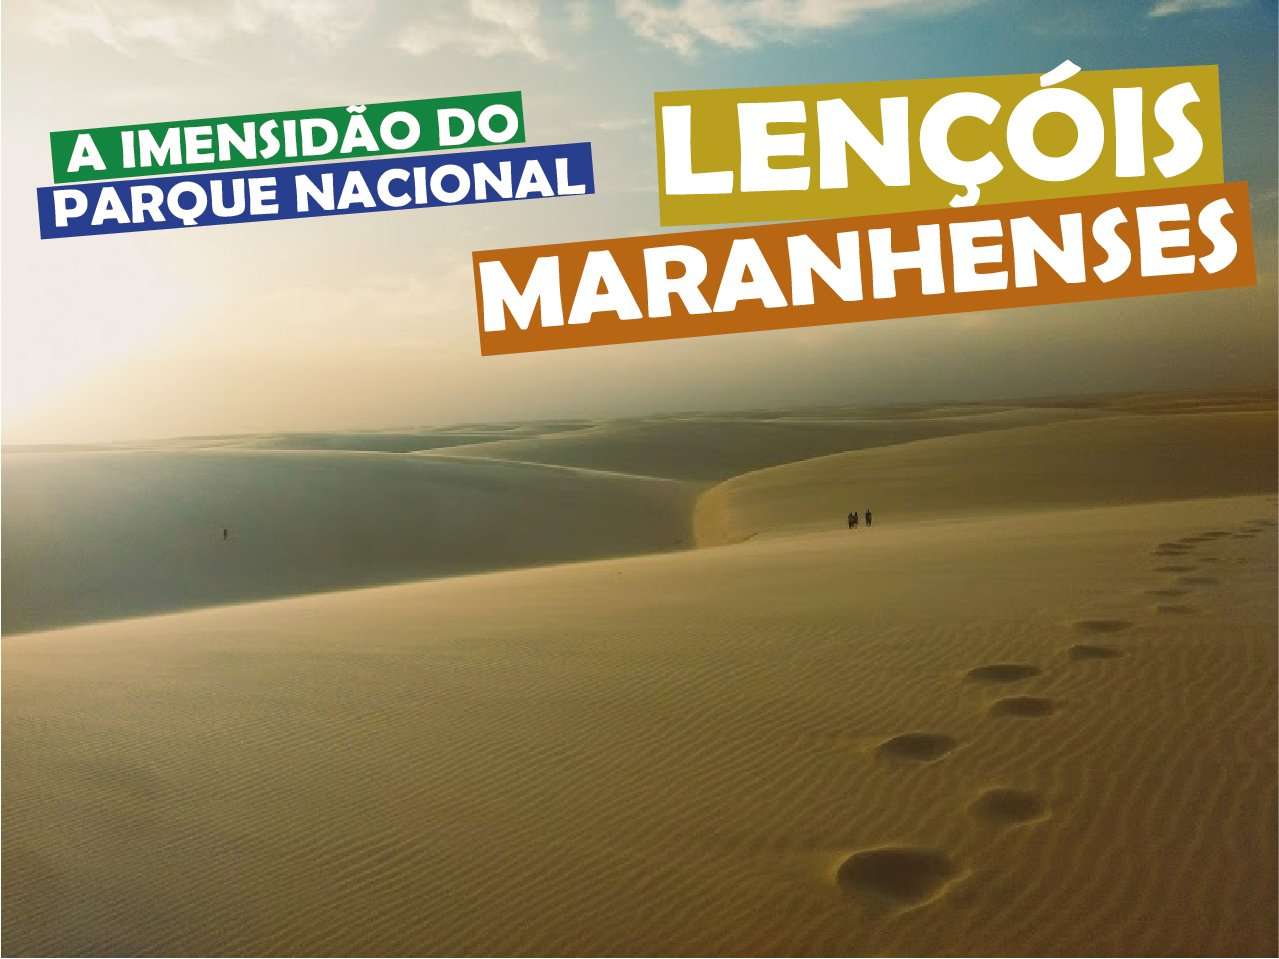 You are currently viewing Parque Nacional Lençóis Maranhenses